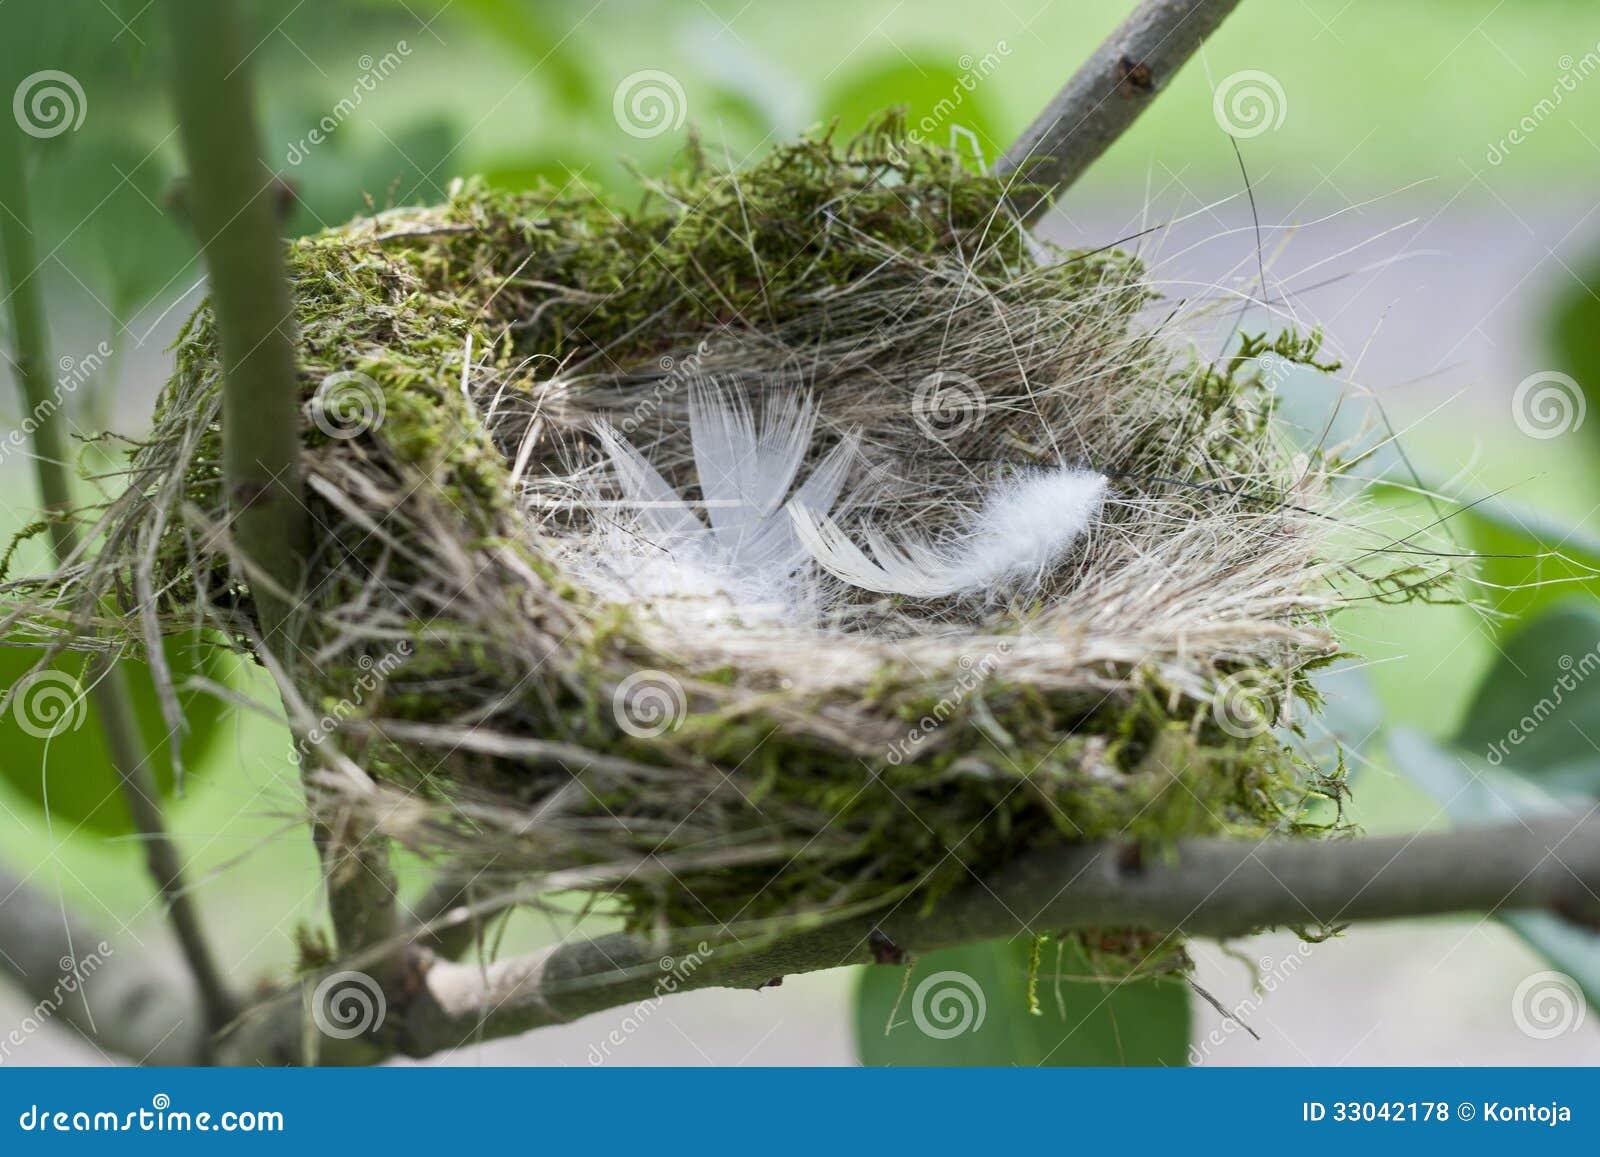 le nid de l 39 oiseau un synonyme pour une maison. Black Bedroom Furniture Sets. Home Design Ideas